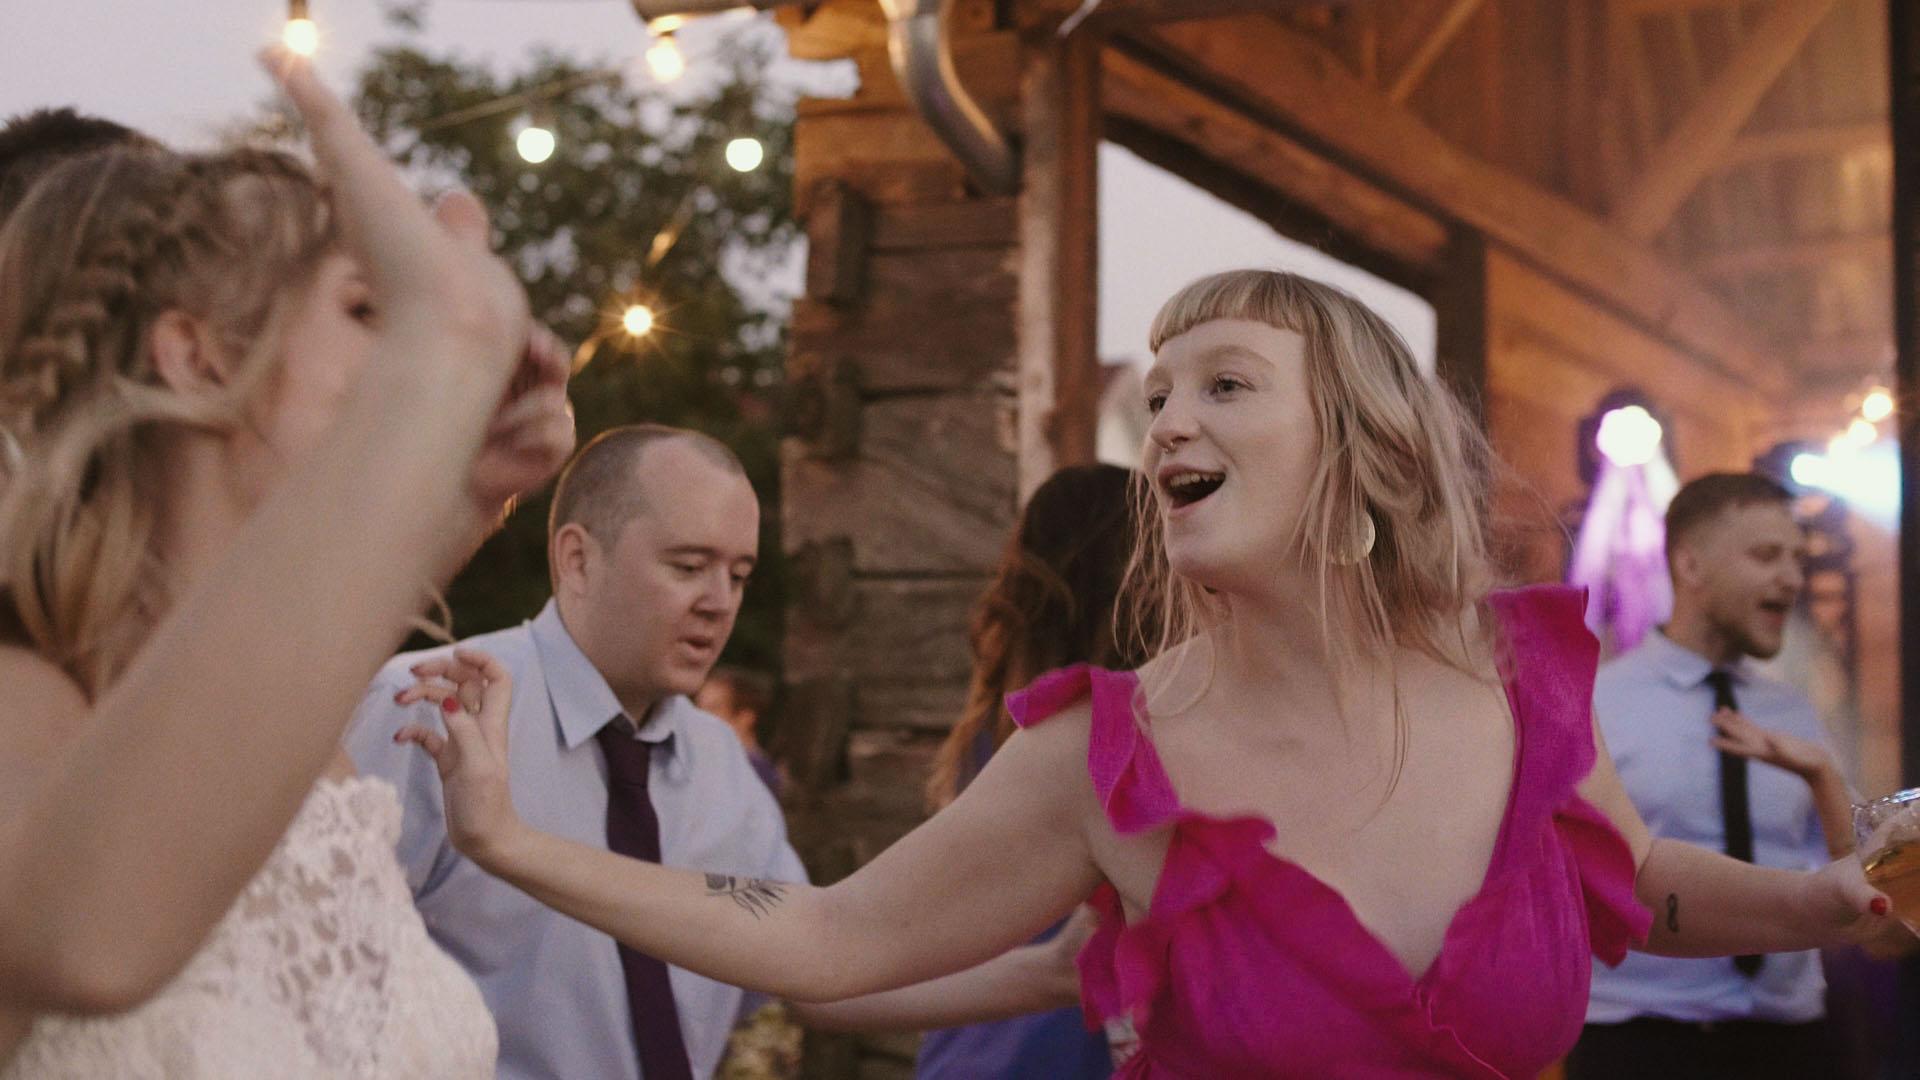 17 folwark ruchenka stodoła wesele ślub humanistyczny. film ślubny